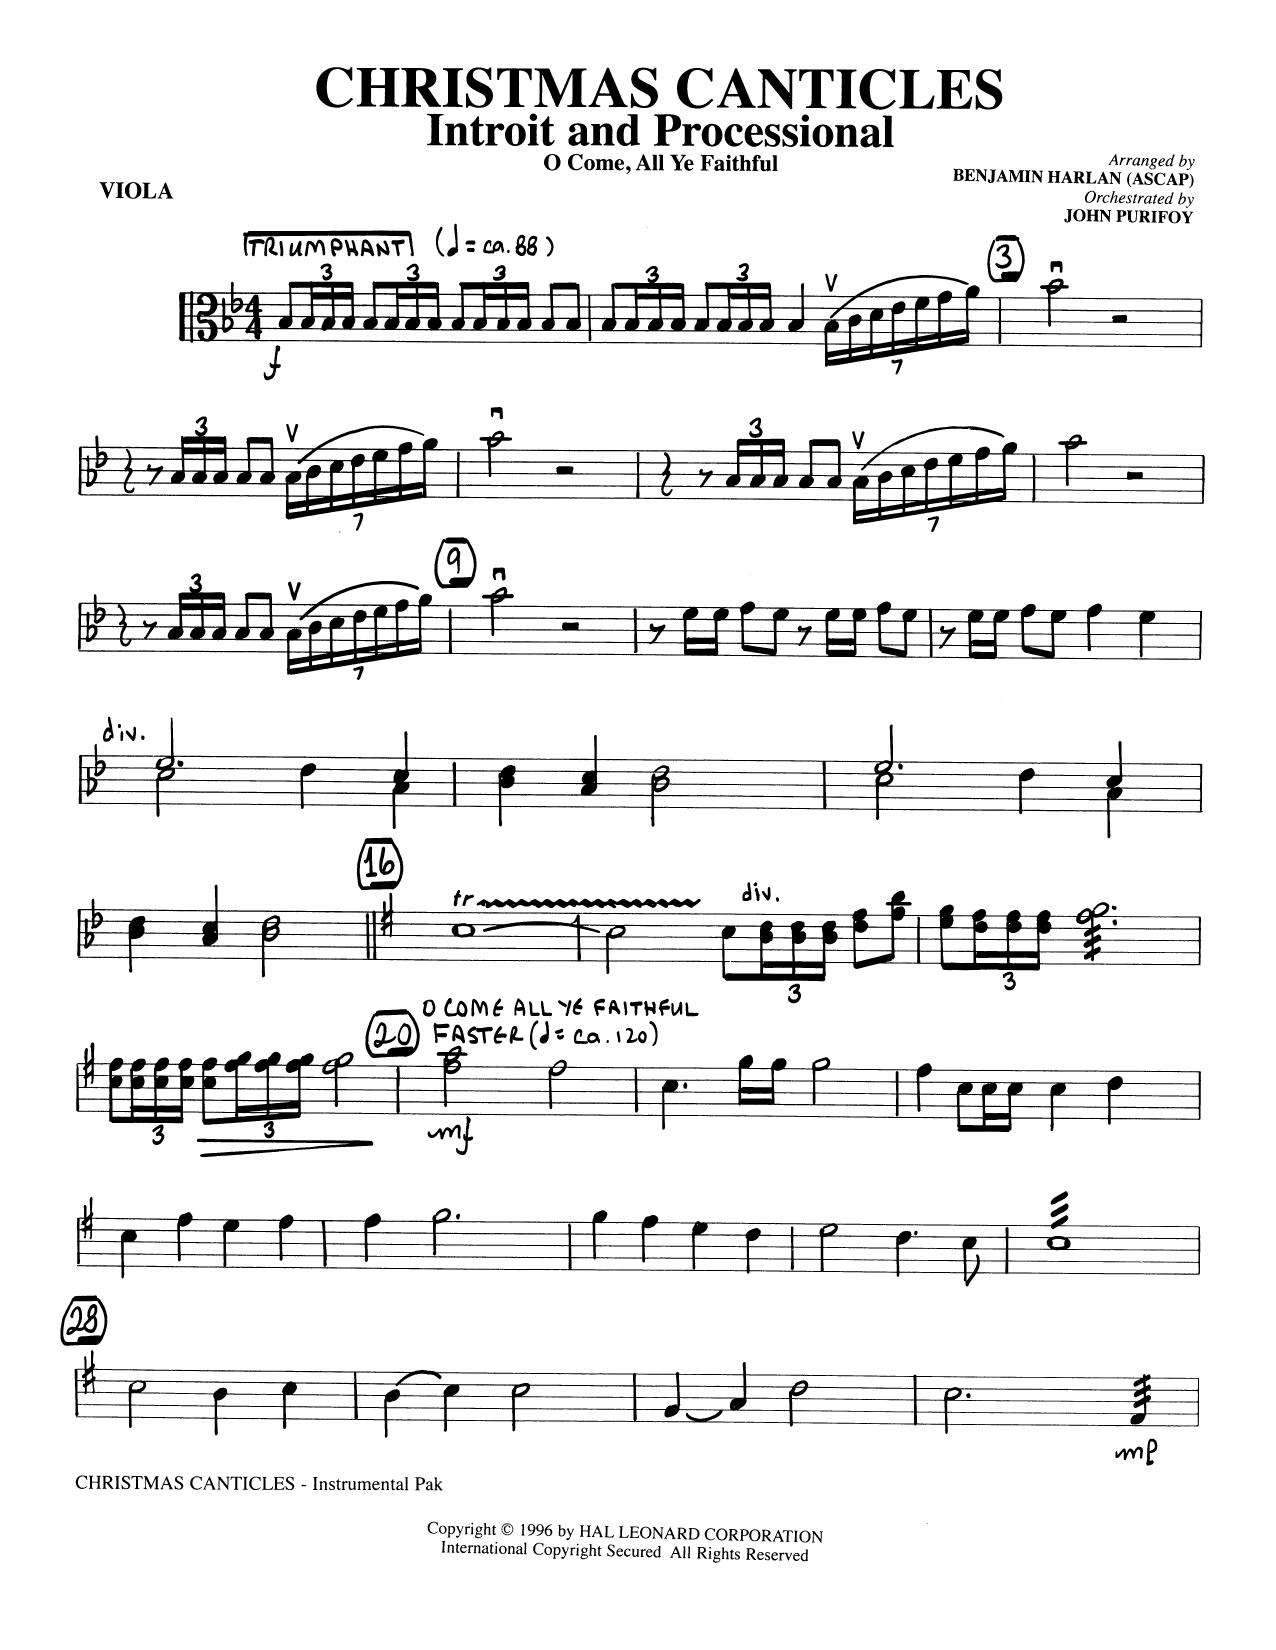 Benjamin Harlan 'Christmas Canticles A Cantata of Carols